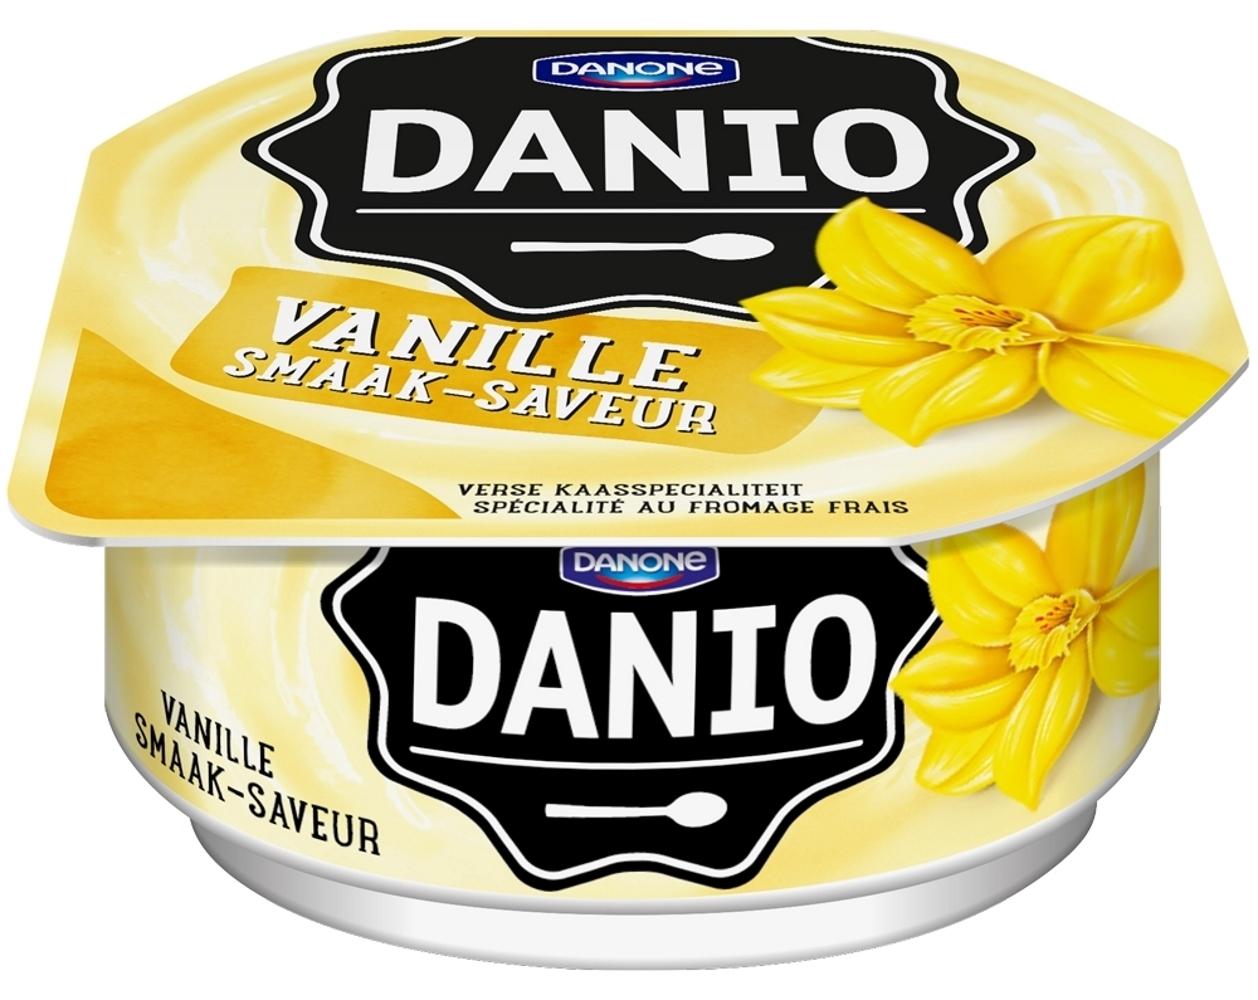 Danio Vanillesmaak